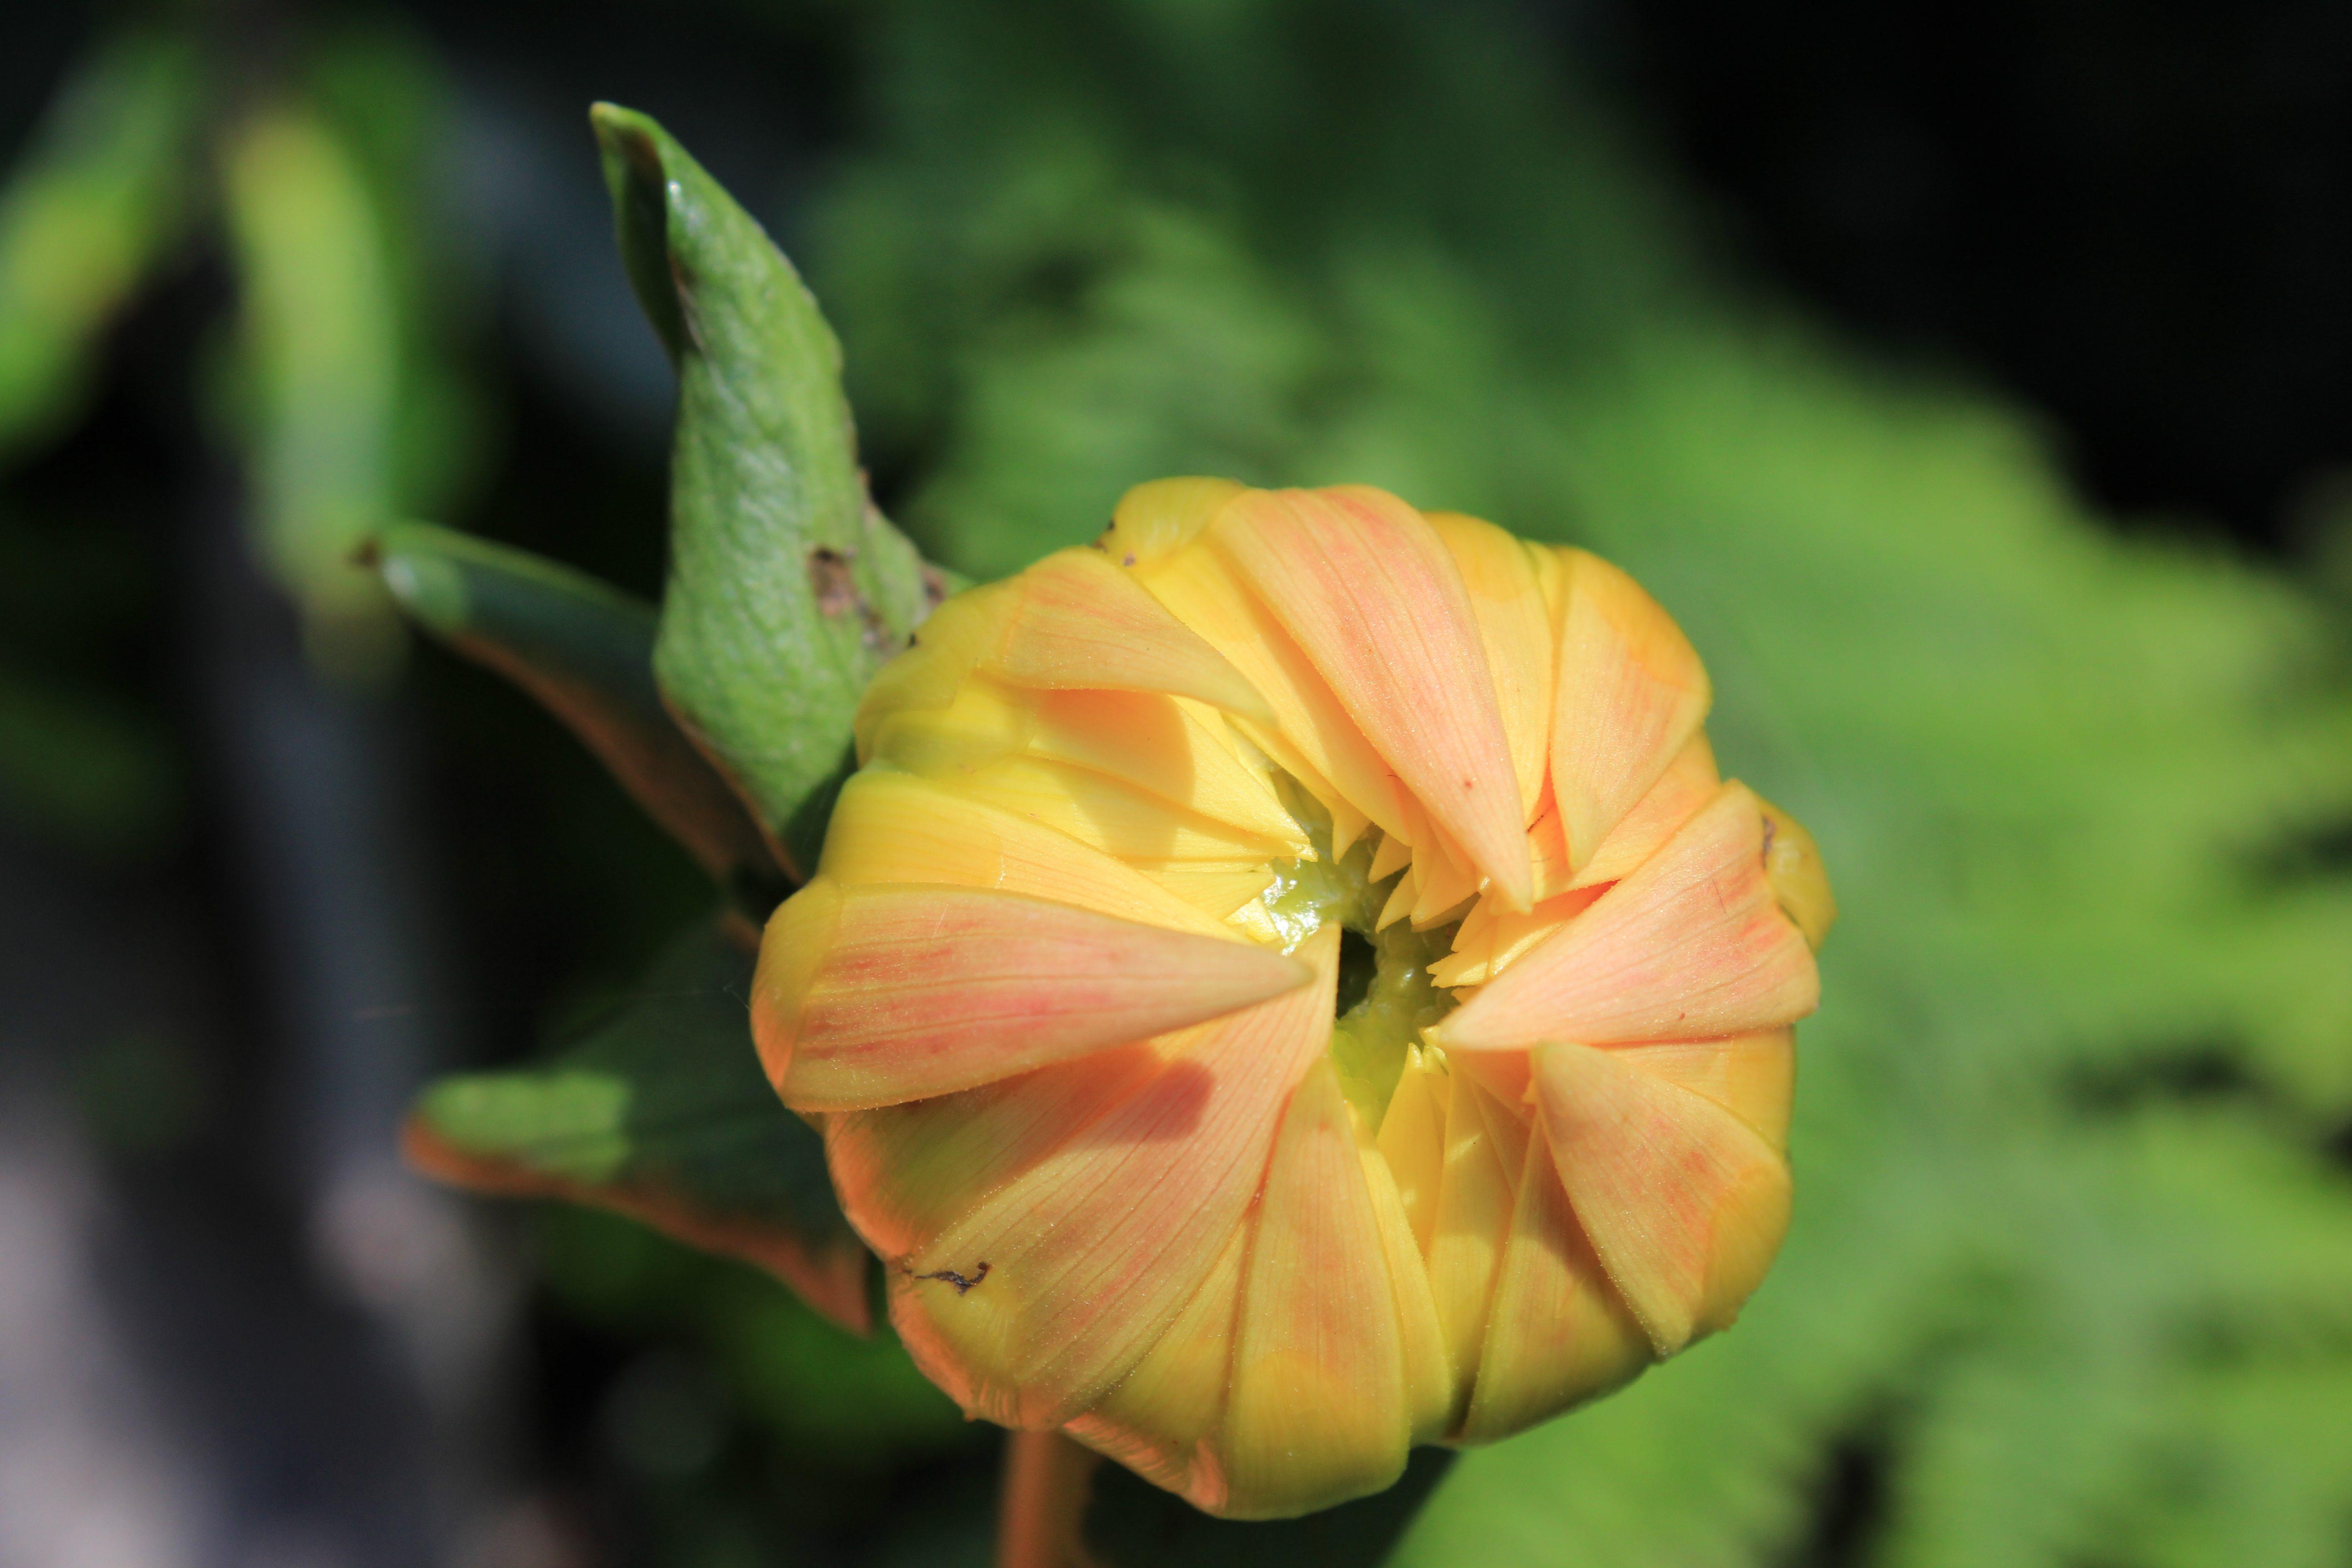 Closeup of dahlia bud